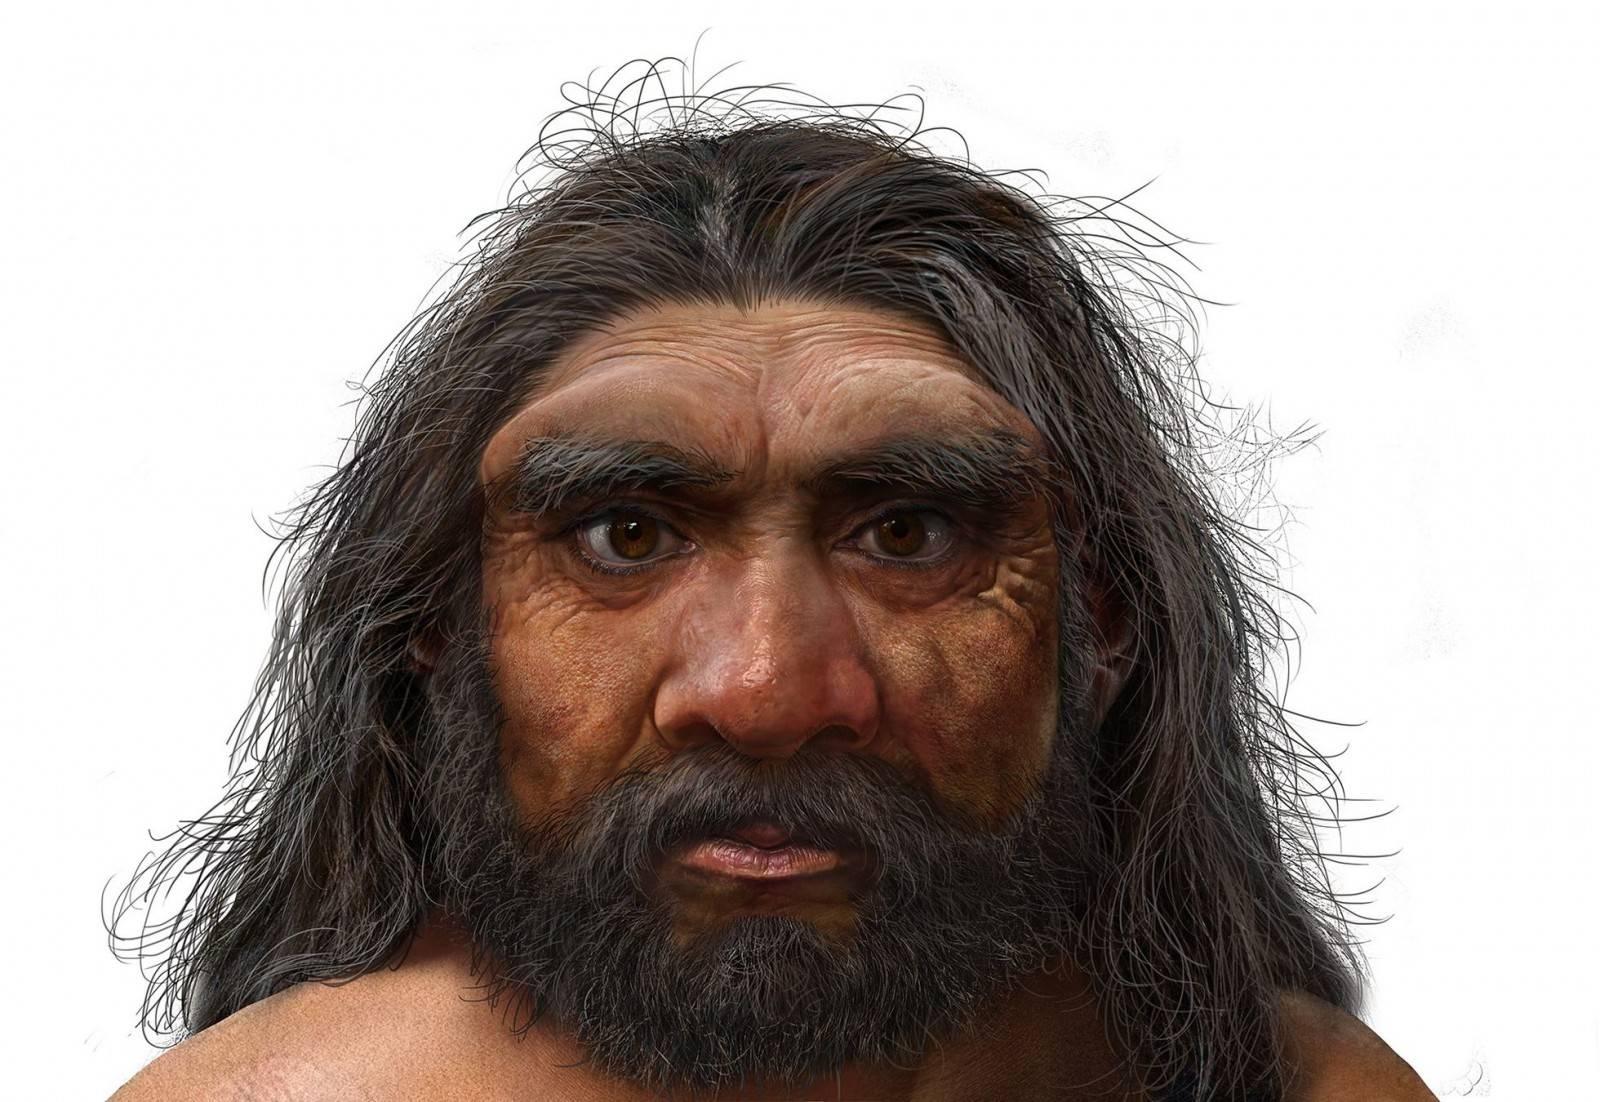 Científicos presentan al 'Hombre Dragón', nueva especie hermana al 'Homo Sapiens' 1